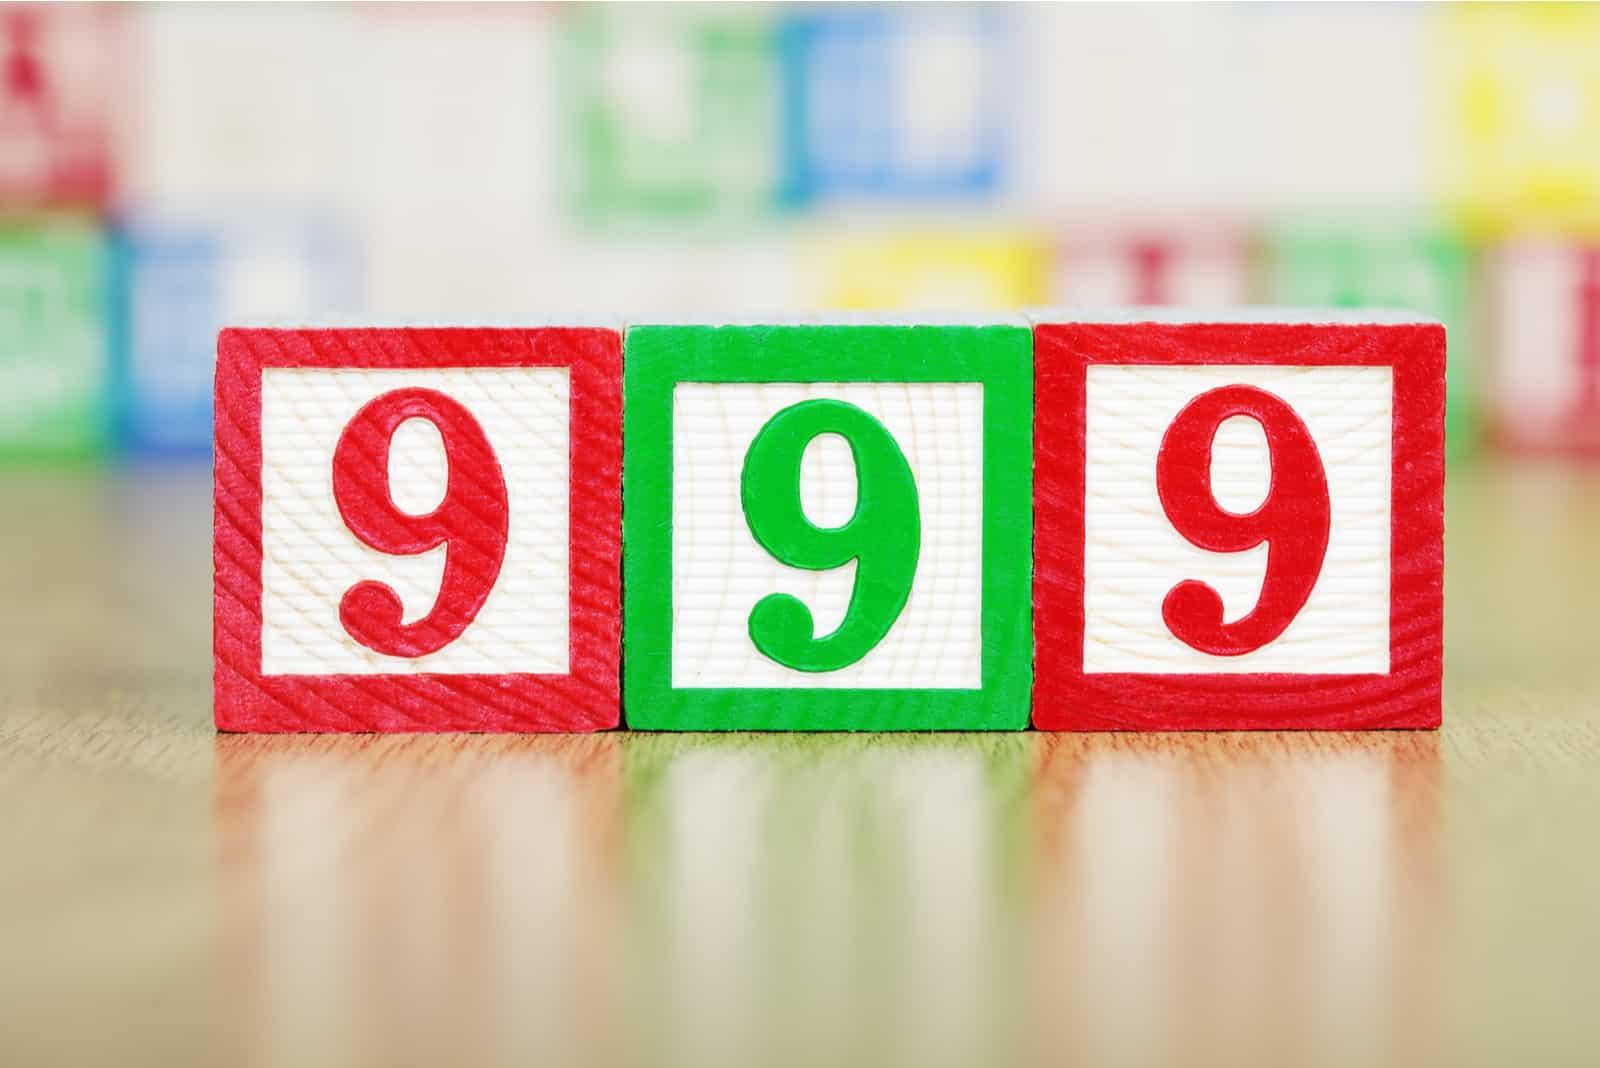 Nummer 999 grün und rot in Würfeln